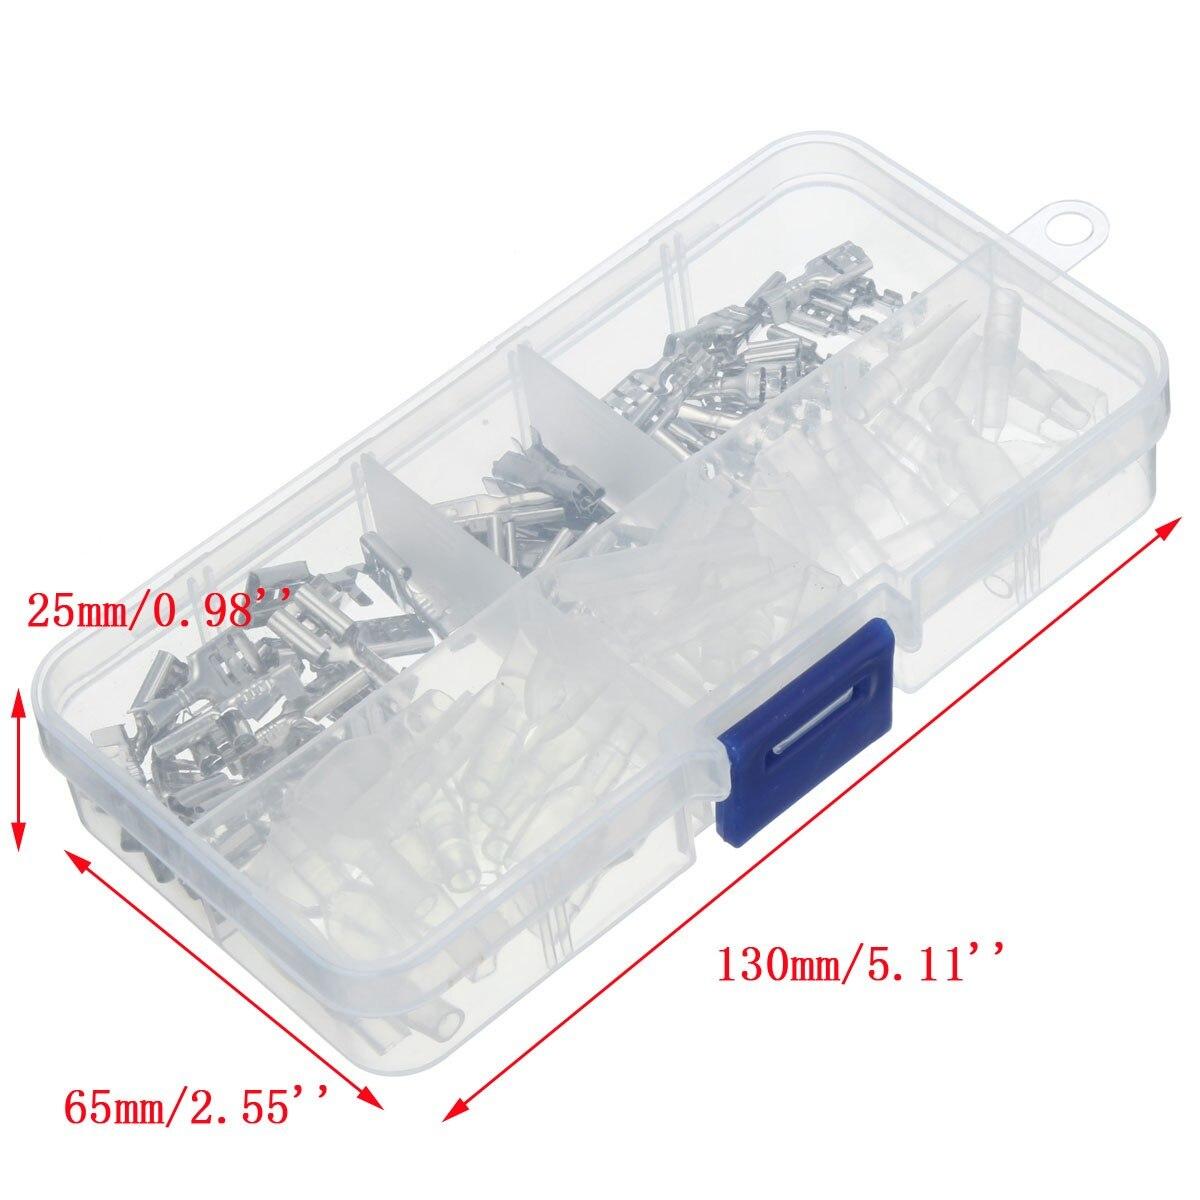 Kreativ 120 Stücke 2,8mm 4,8mm 6,3mm Crimp Isolationsklemmen Silber Transparente Weibliche Spaten Anschlüsse Hülse Kit Dämmstoffe Angenehme SüßE Elektronische Zubehör & Supplies